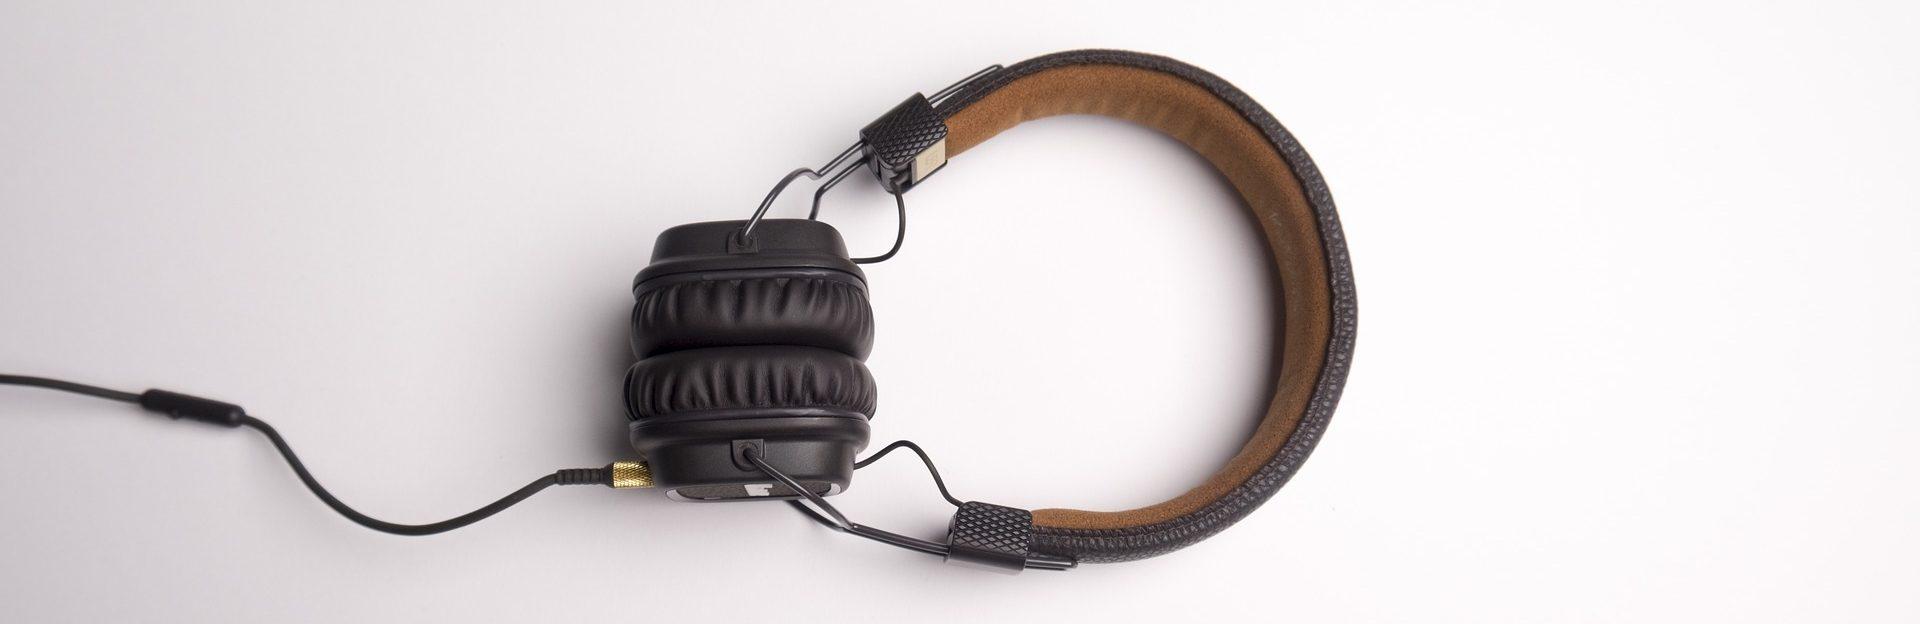 Kopfhörer als Symbolbild für Dolmetschen